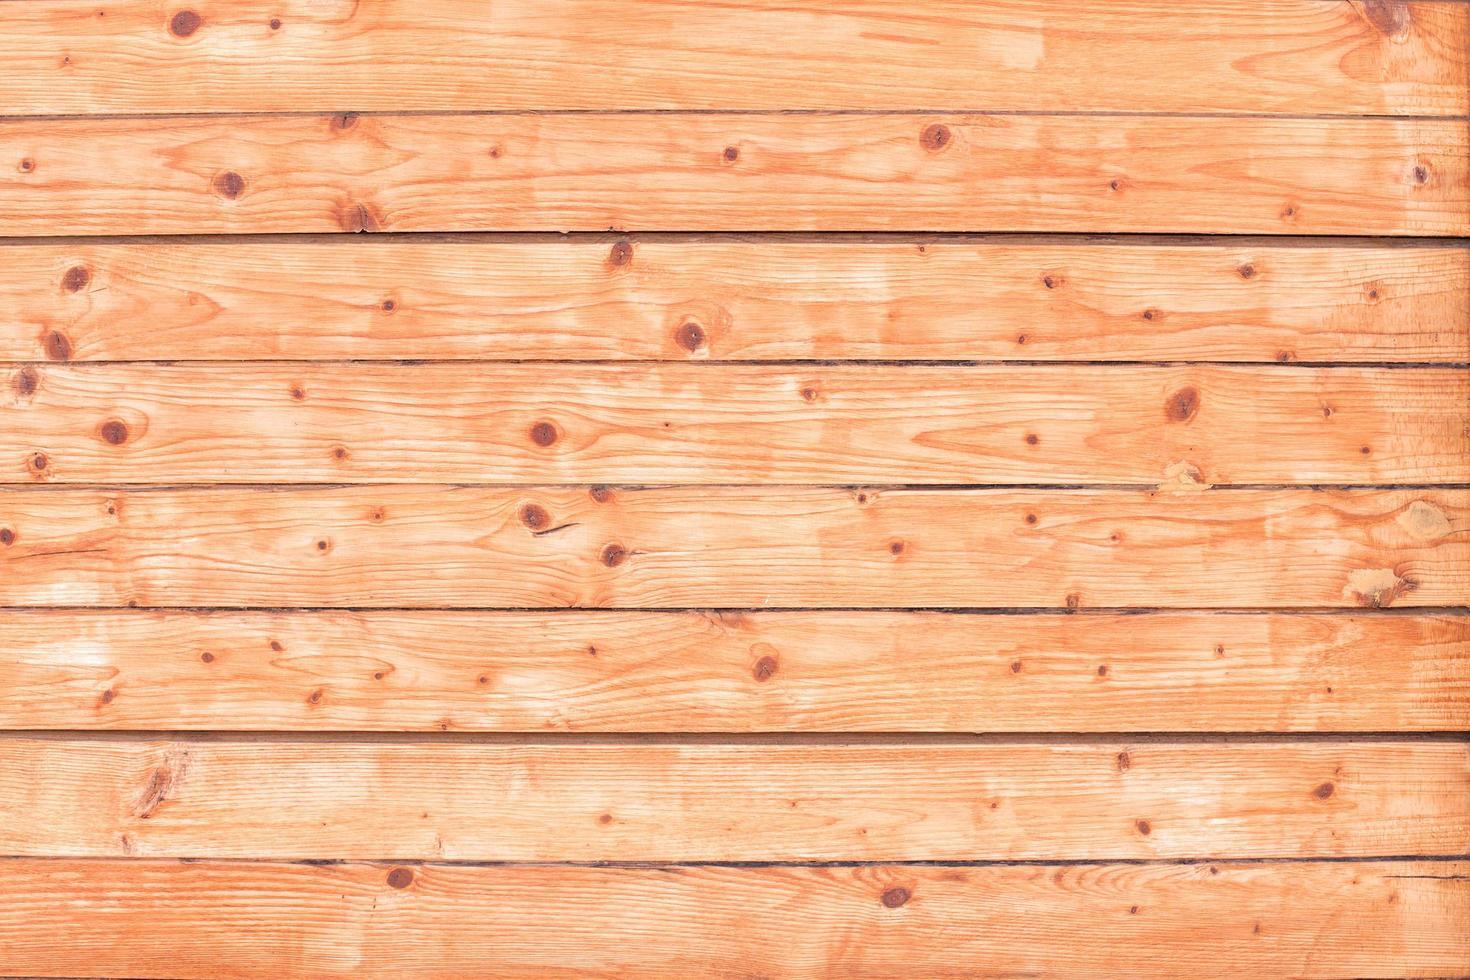 fond texturé en bois de pin photo